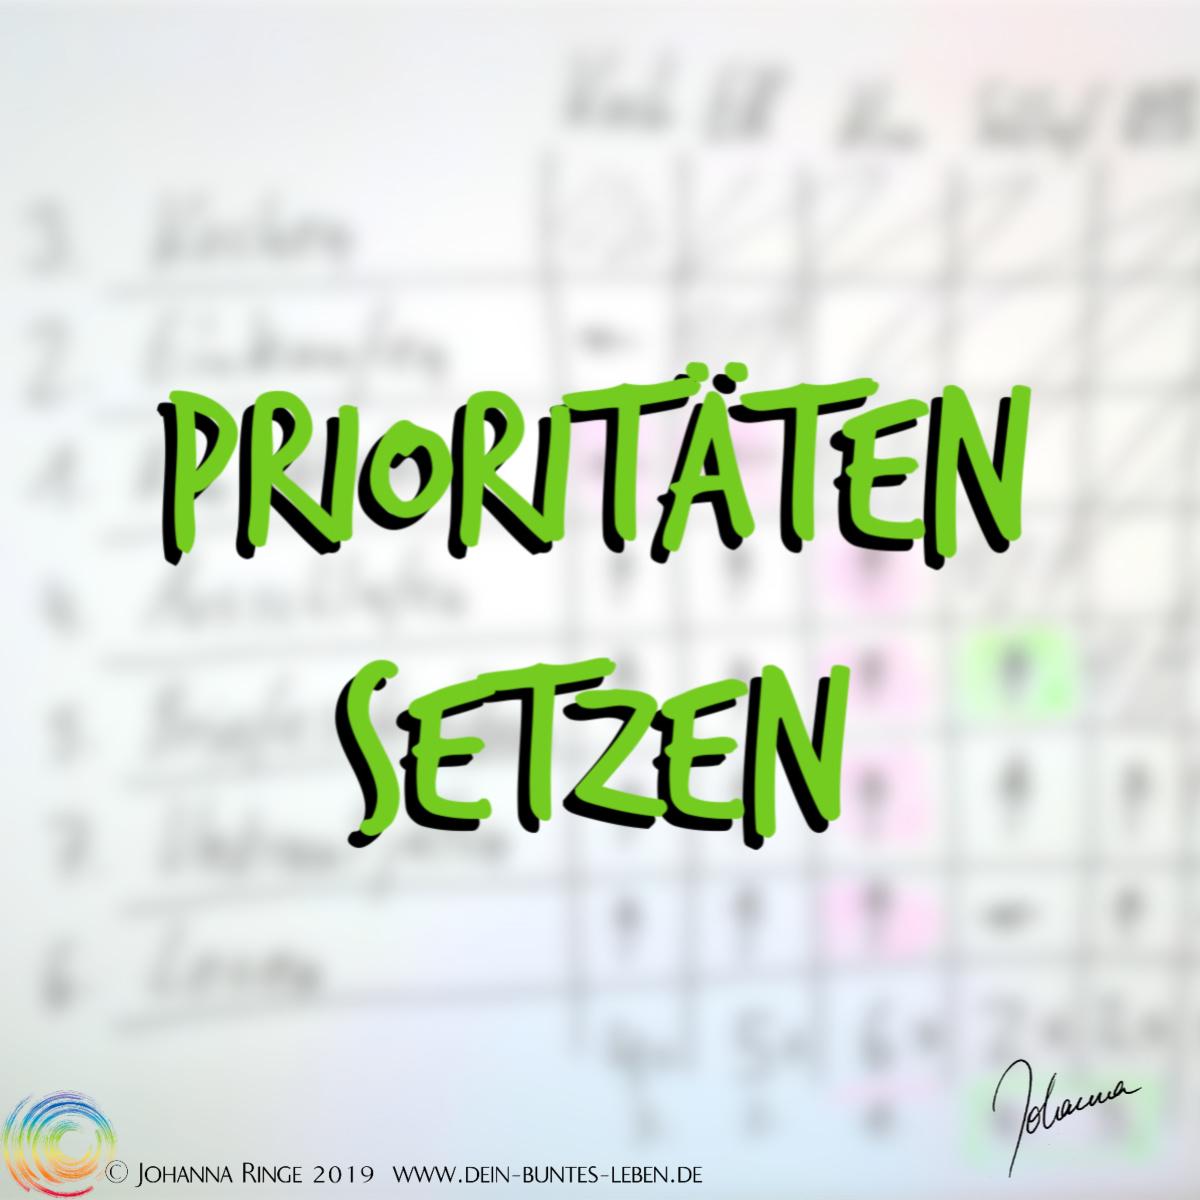 Prioritäten setzen. Text vor Entscheidungsmatrix im Hintergrund. ©Johanna Ringe 2019 www.dein-buntes-leben.de